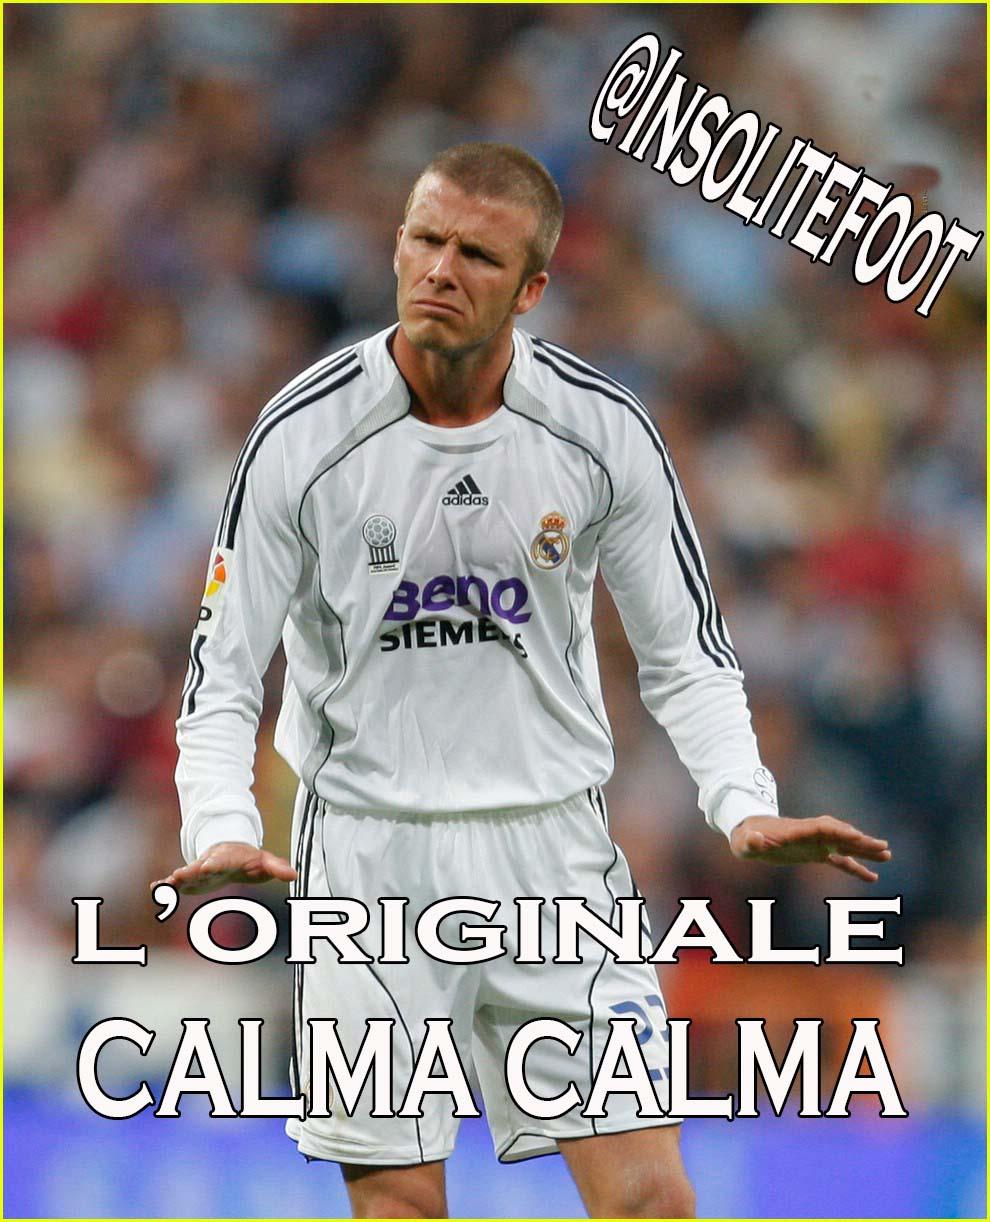 Voilà l'originale CALMA CALMA!